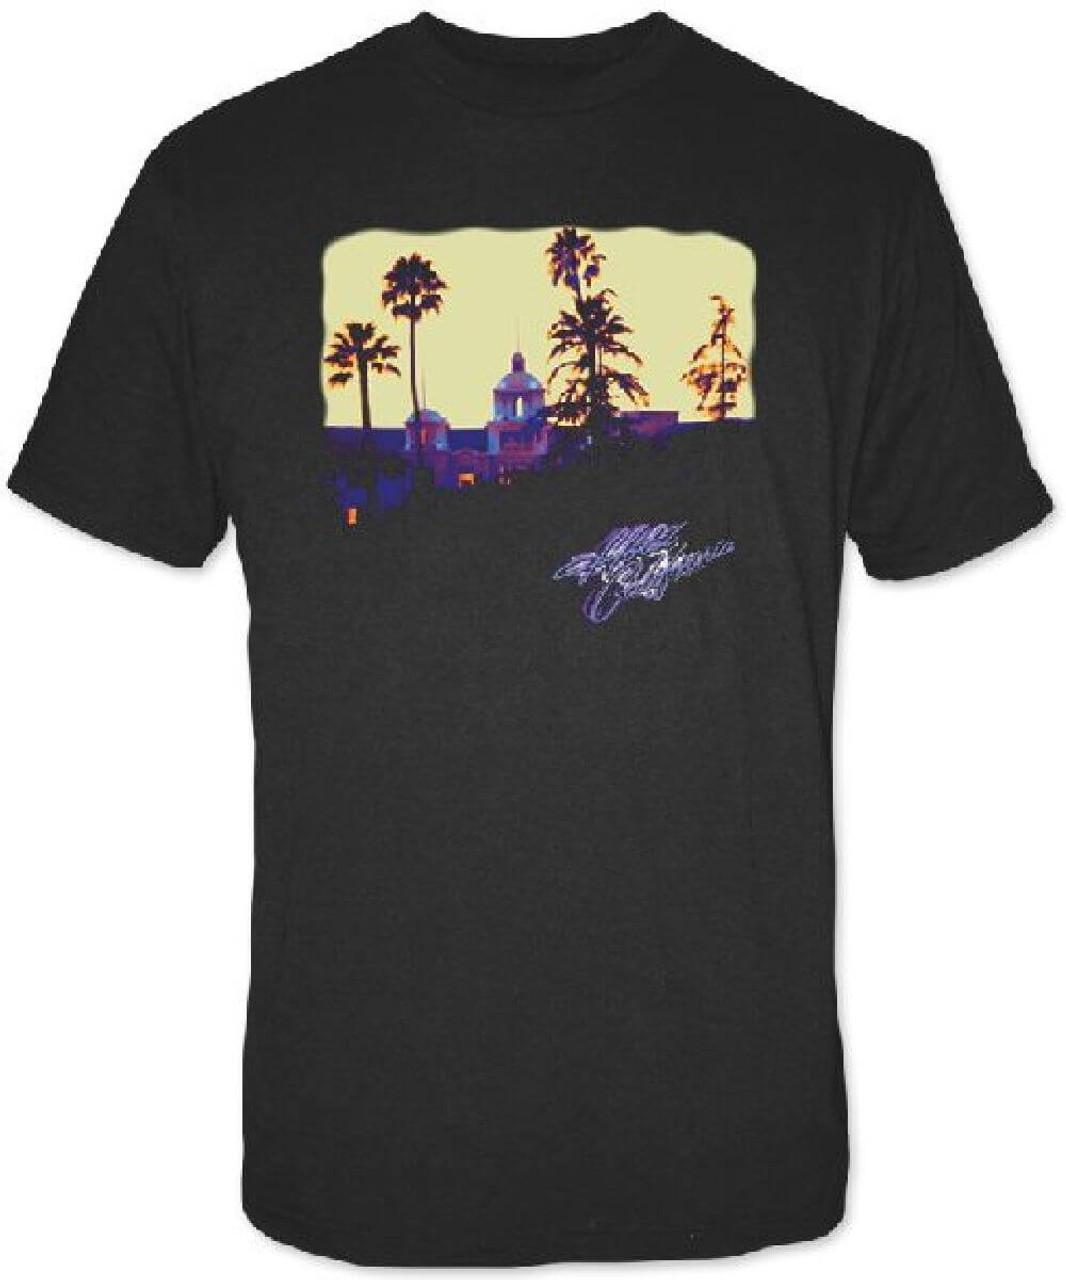 Eagles Hotel California Album Cover Artwork Men s Black T-shirt ... 875c67c42